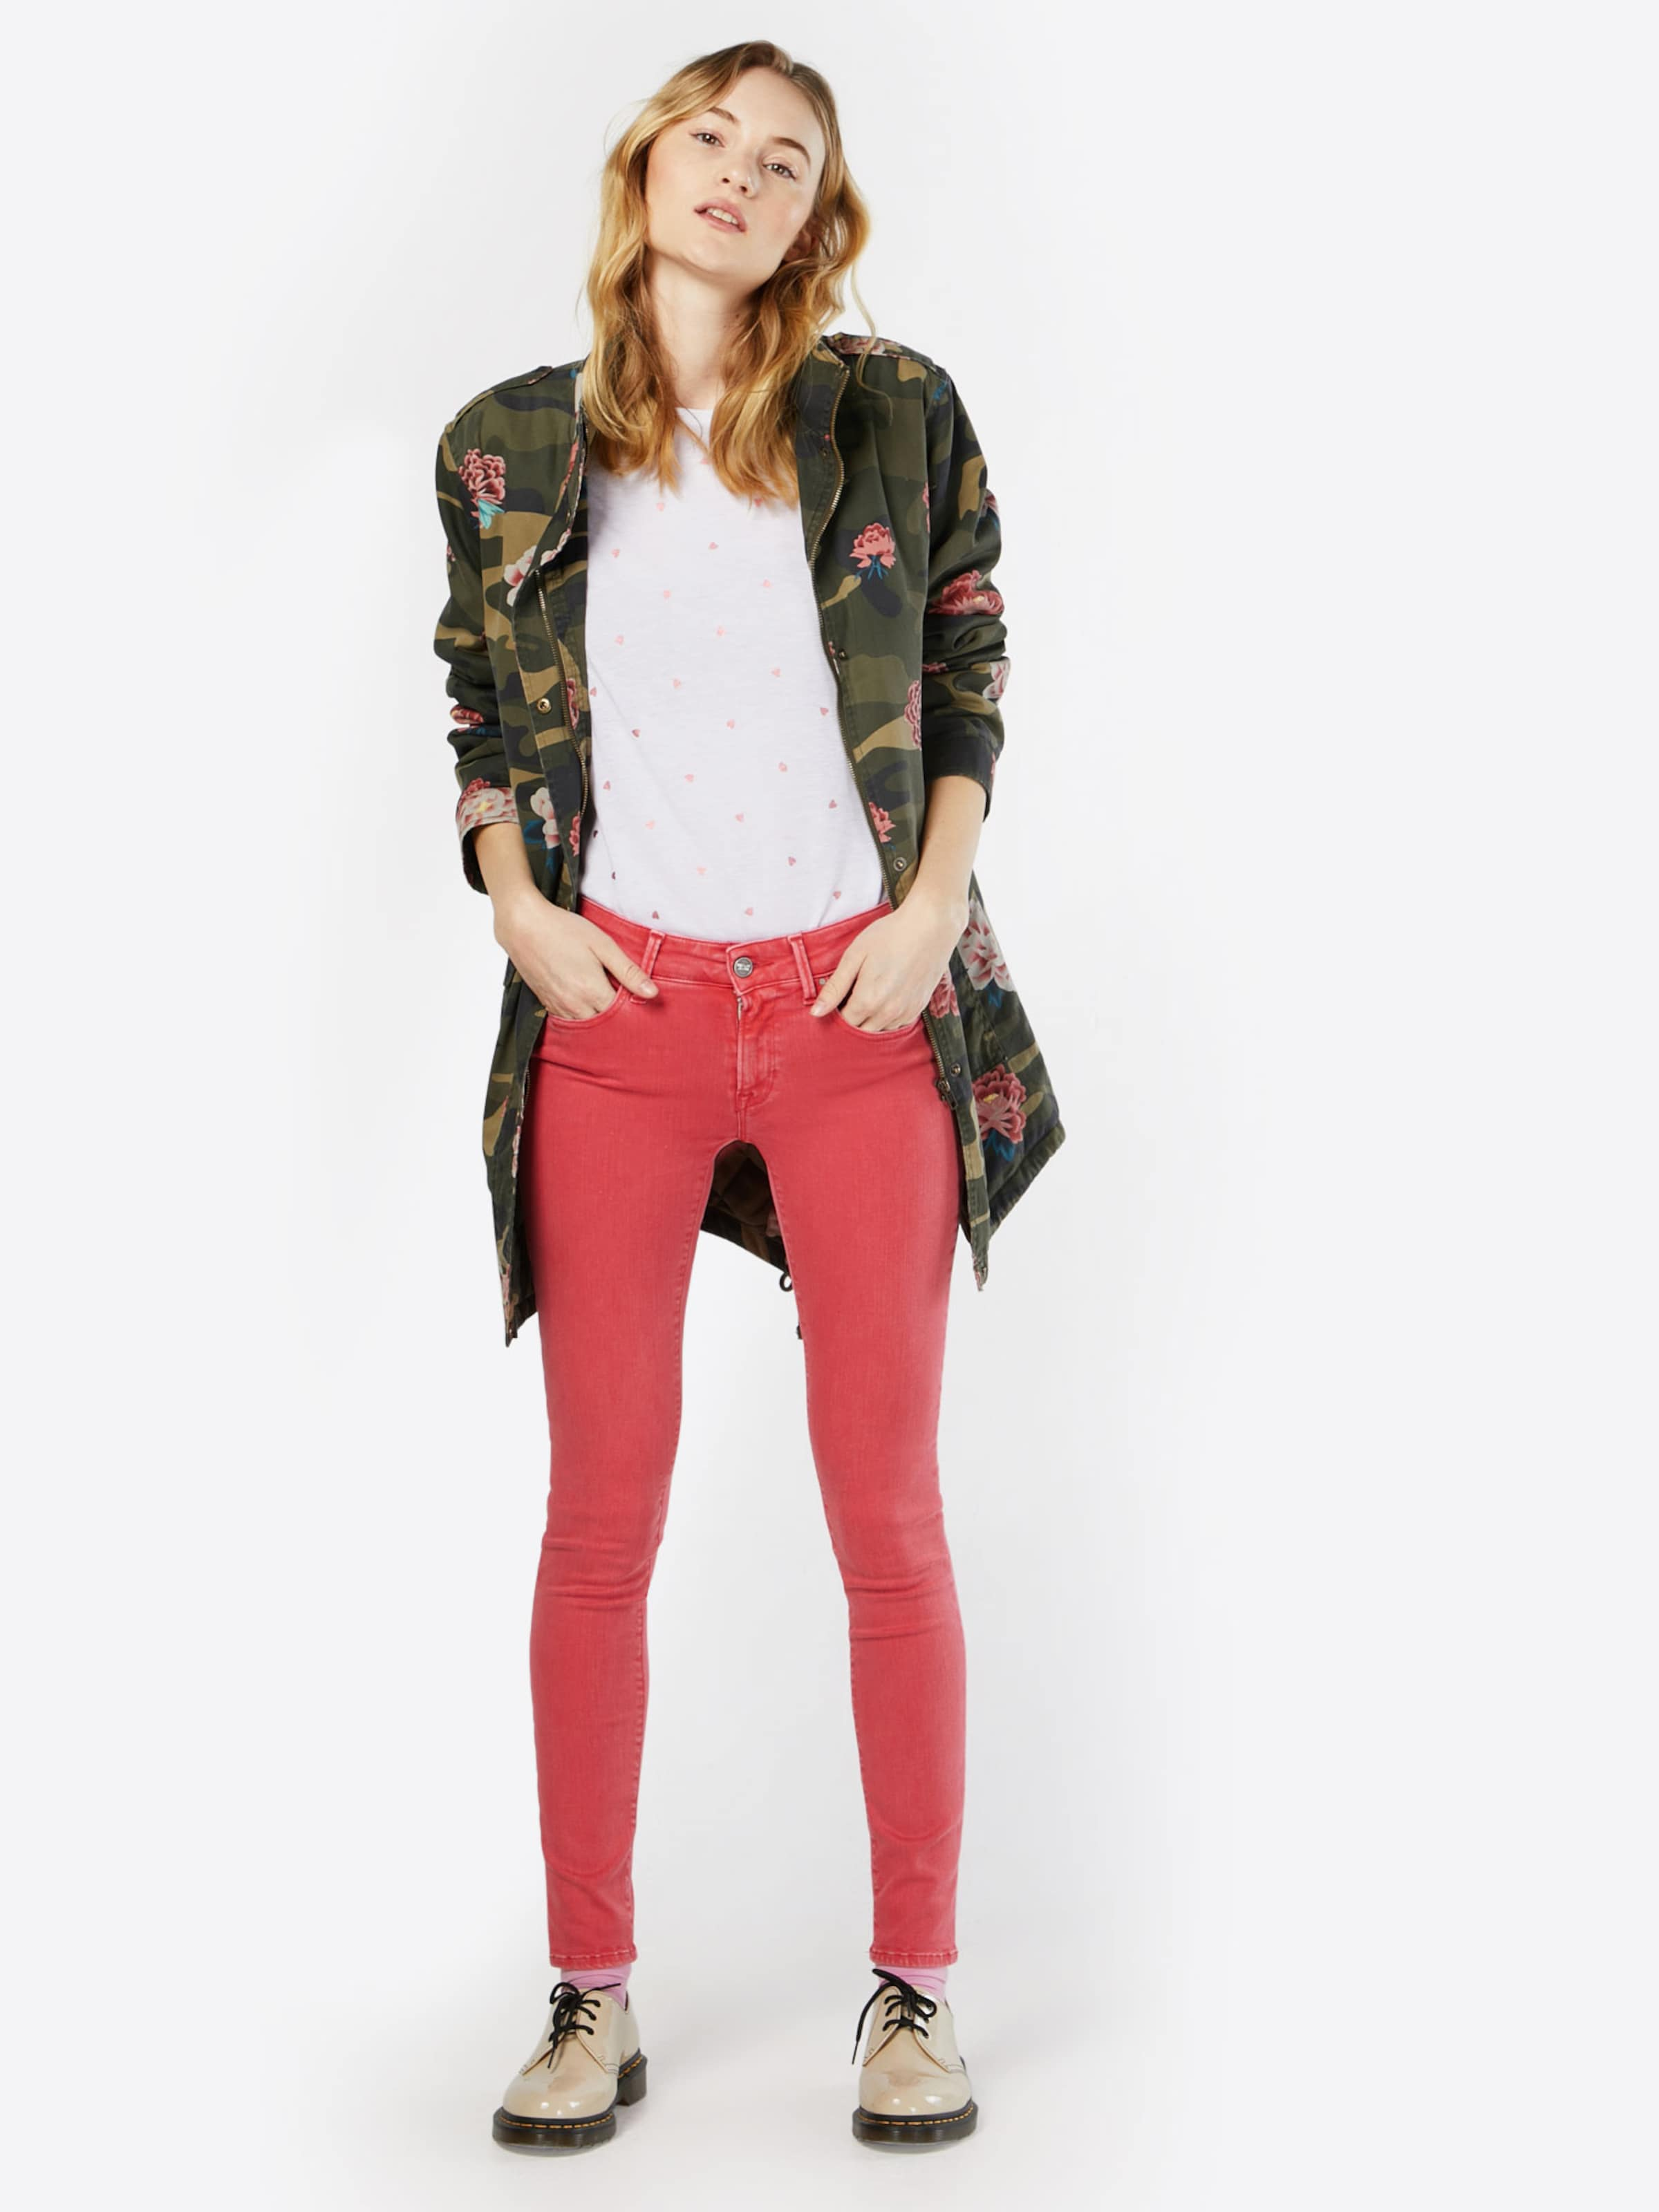 Aus Deutschland Online REPLAY Skinny Jeans 'Luz' Angebote Günstig Online Professionelle Verkauf Online Zu Verkaufen Billig Verkauf Bester Platz 1SxH2YT